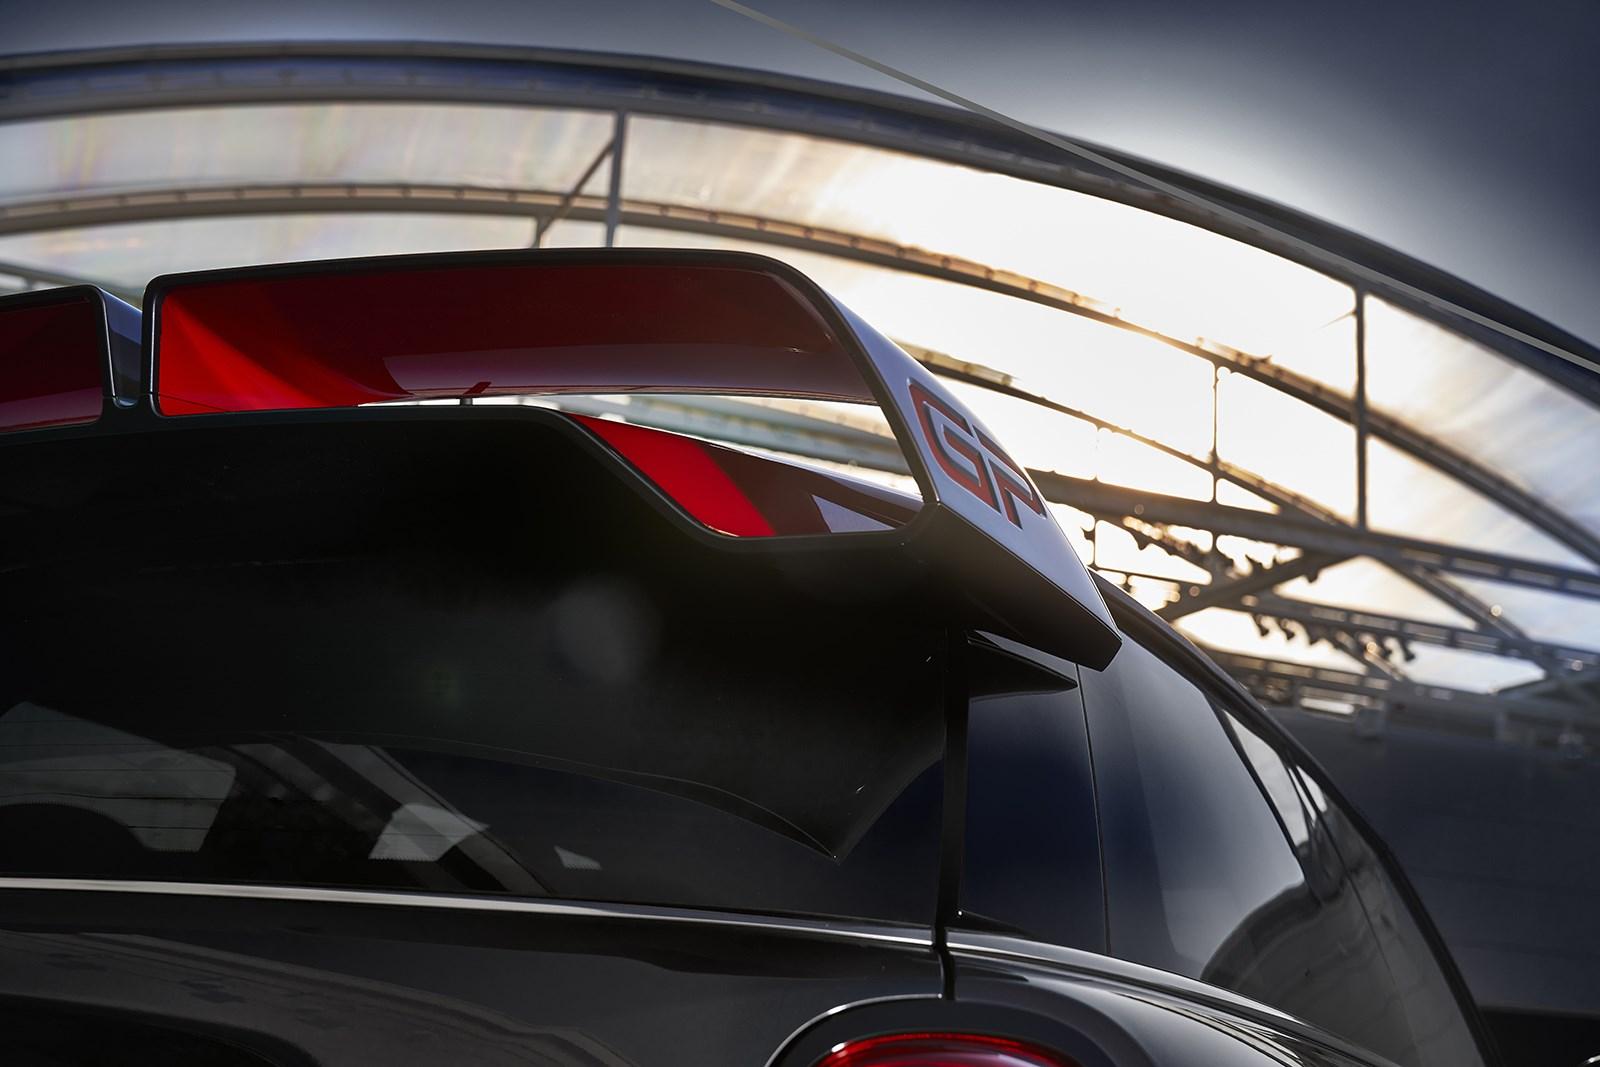 MINIのハイエンドスポーツ、新型ジョンクーパーワークスGP が2020年に登場